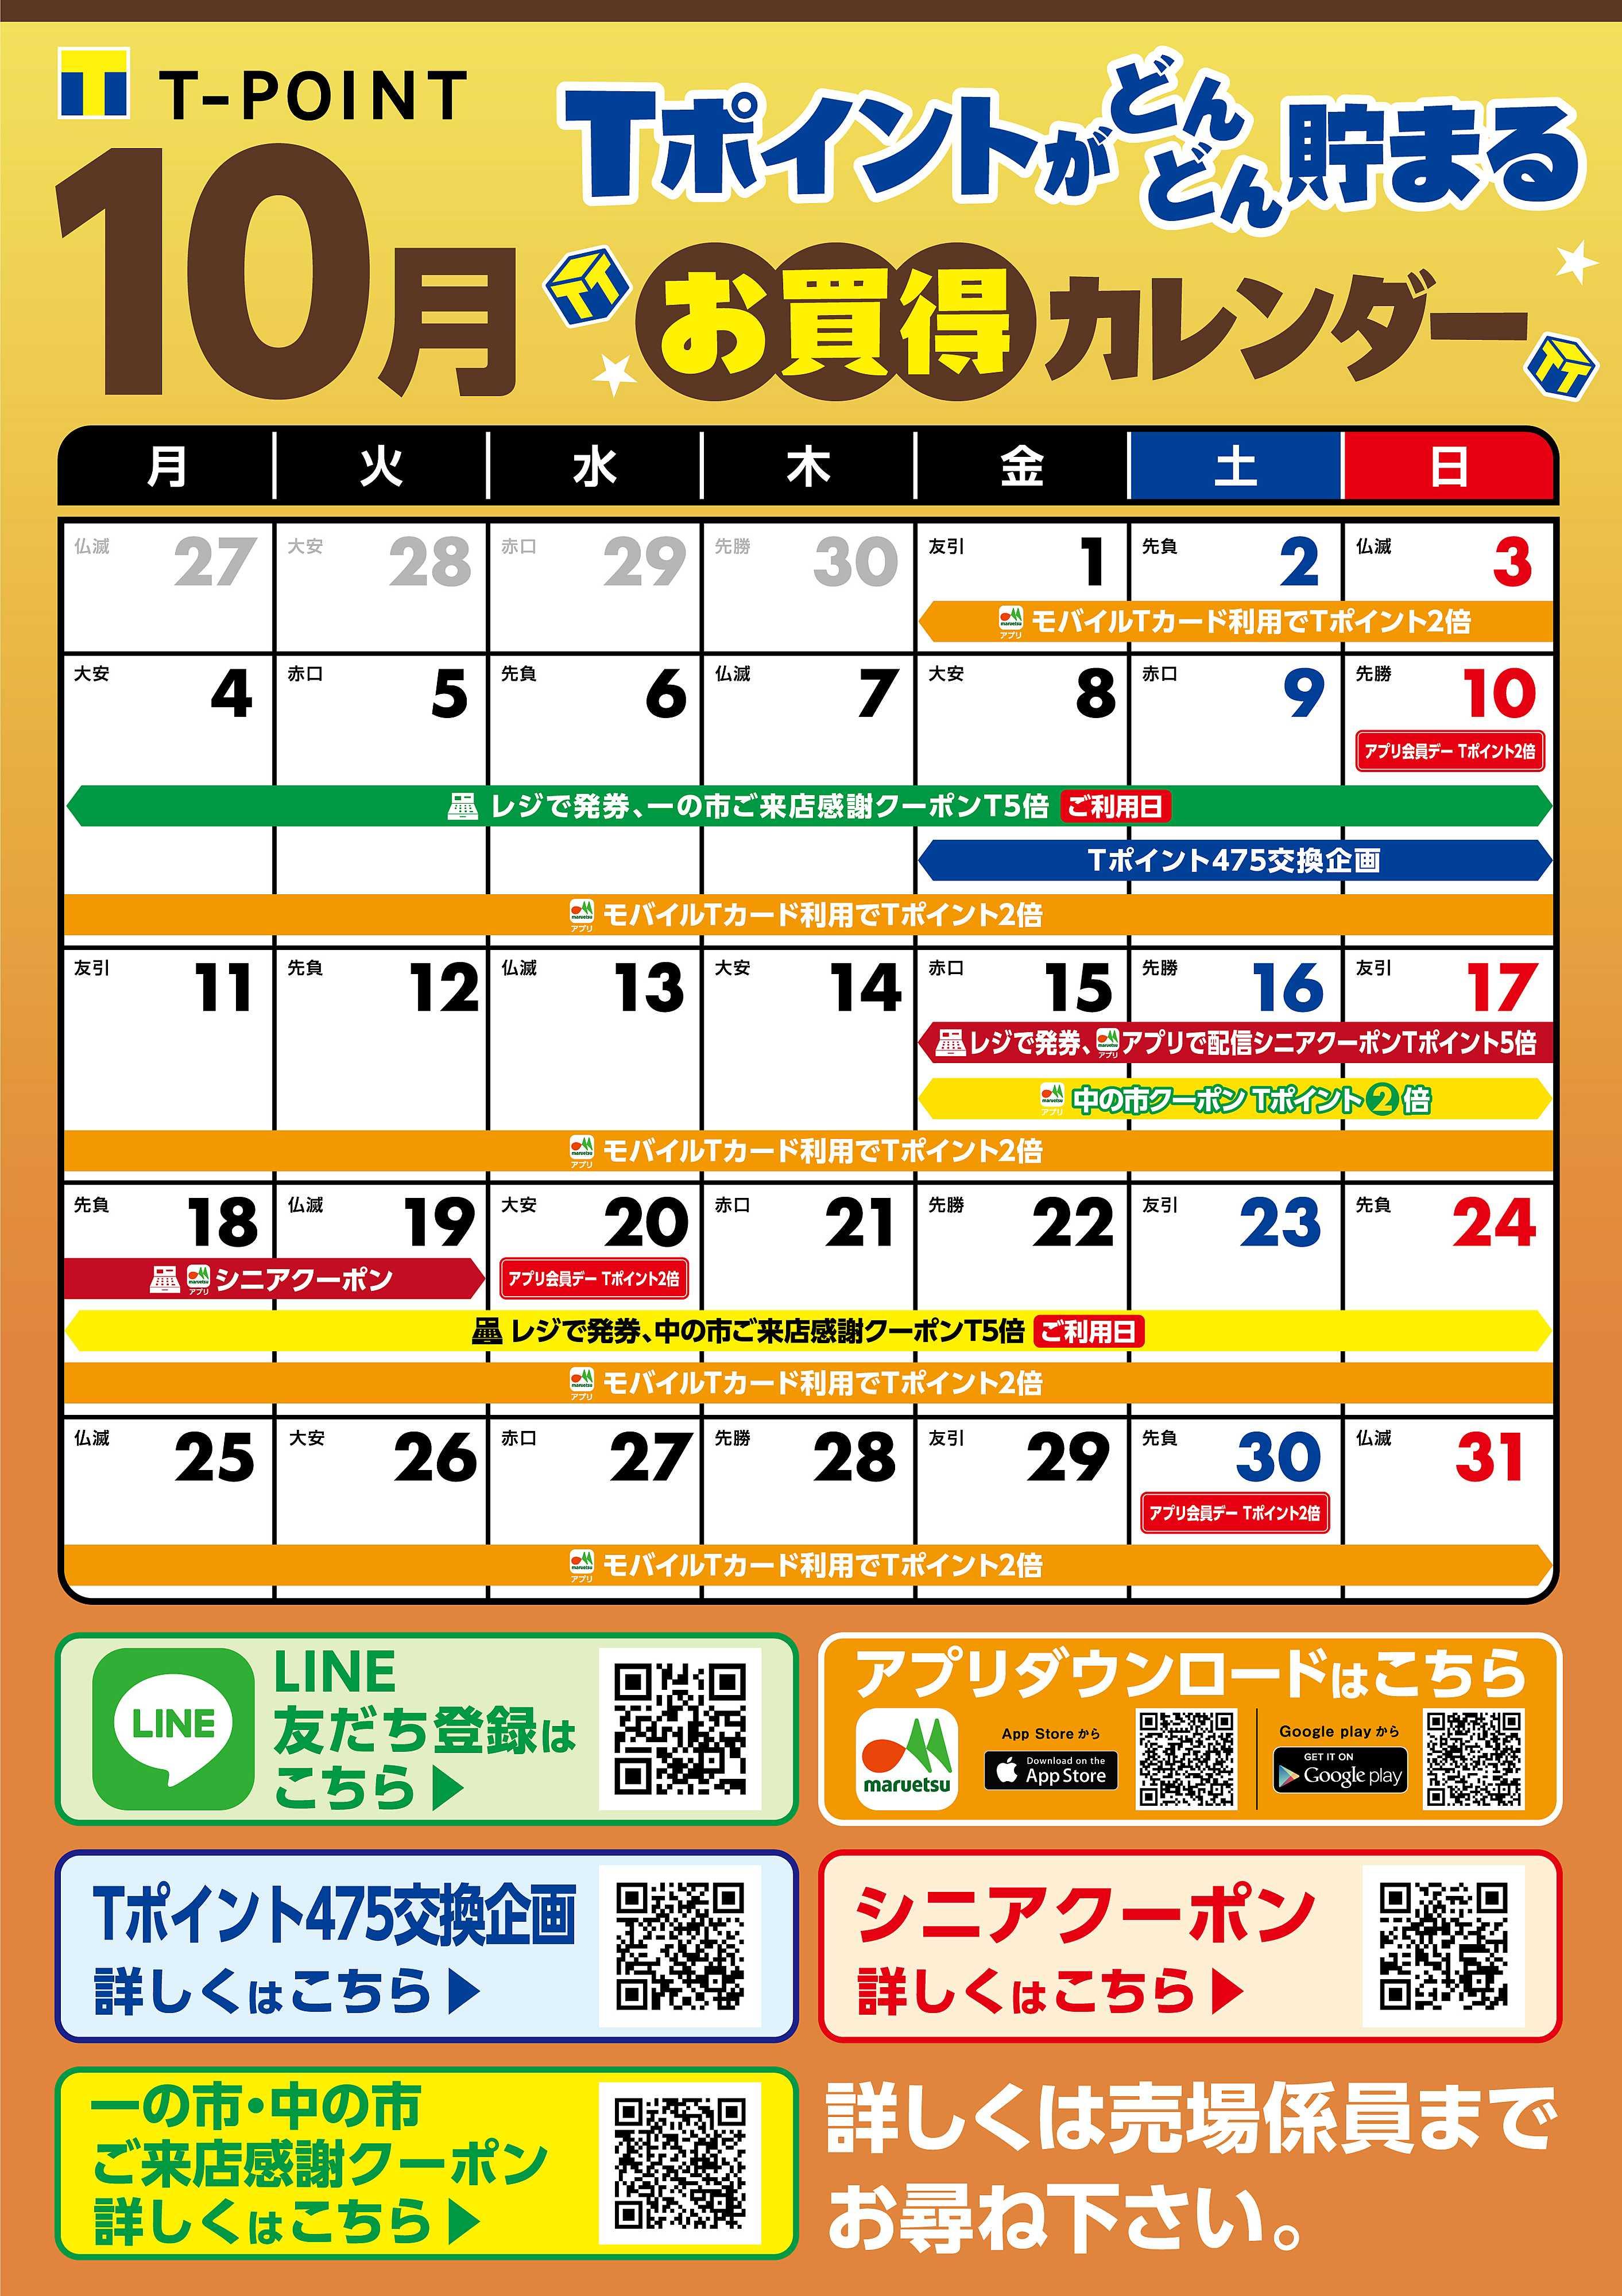 Compressed 1001 calendar raiten%e8%a1%a8